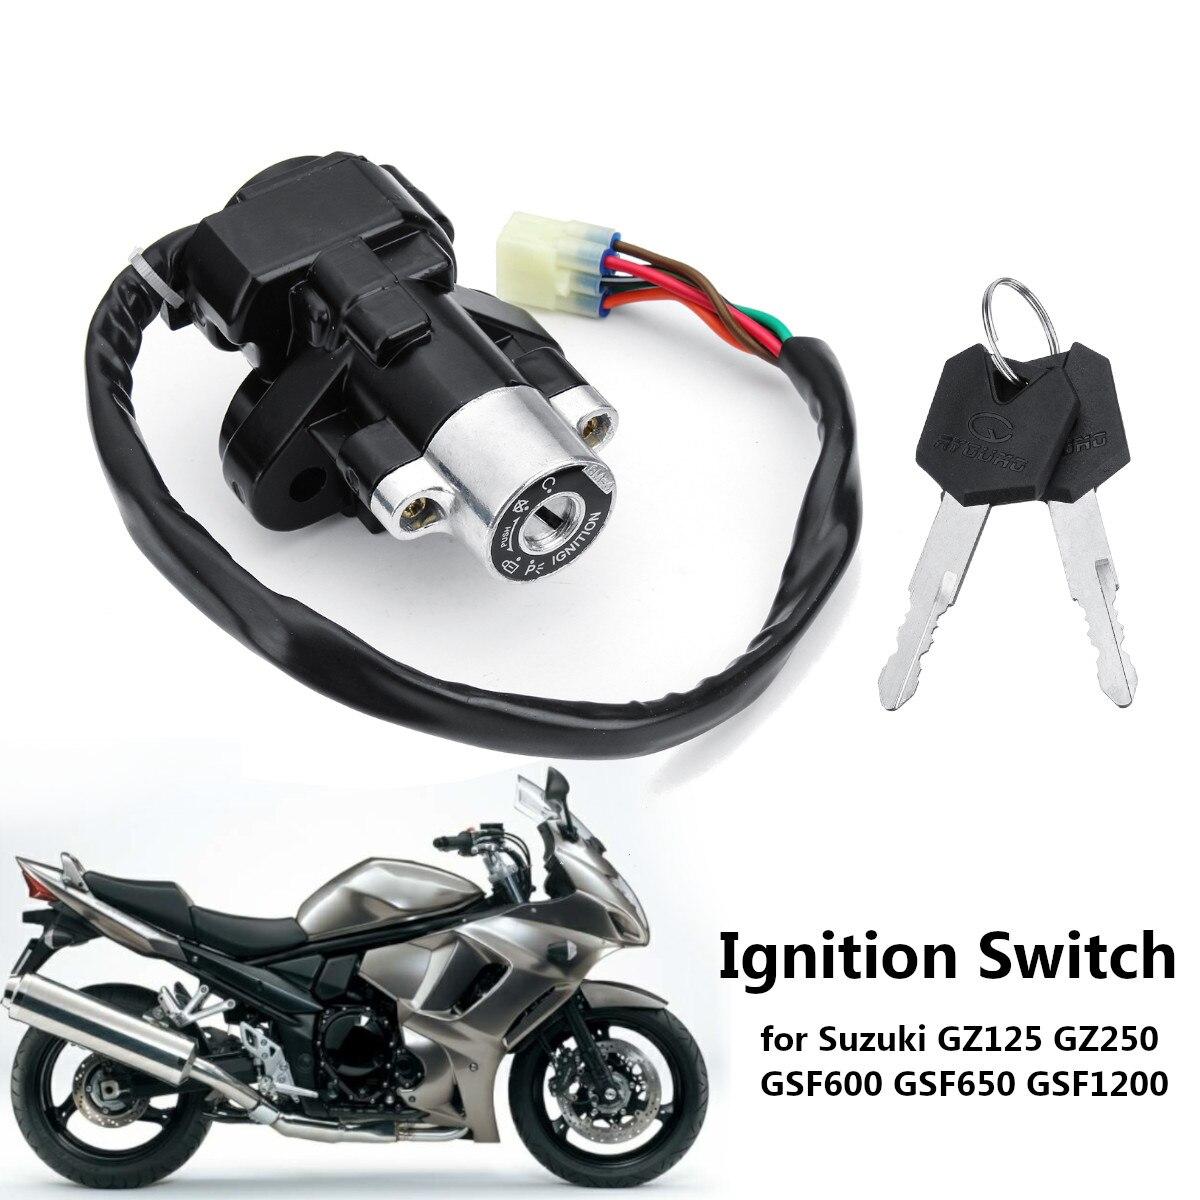 Interruptor de arranque con 2 llaves para Suzuki GZ125 1998-2003/ GZ250 1999-2011/ GSF600 GSF650 GSF1200